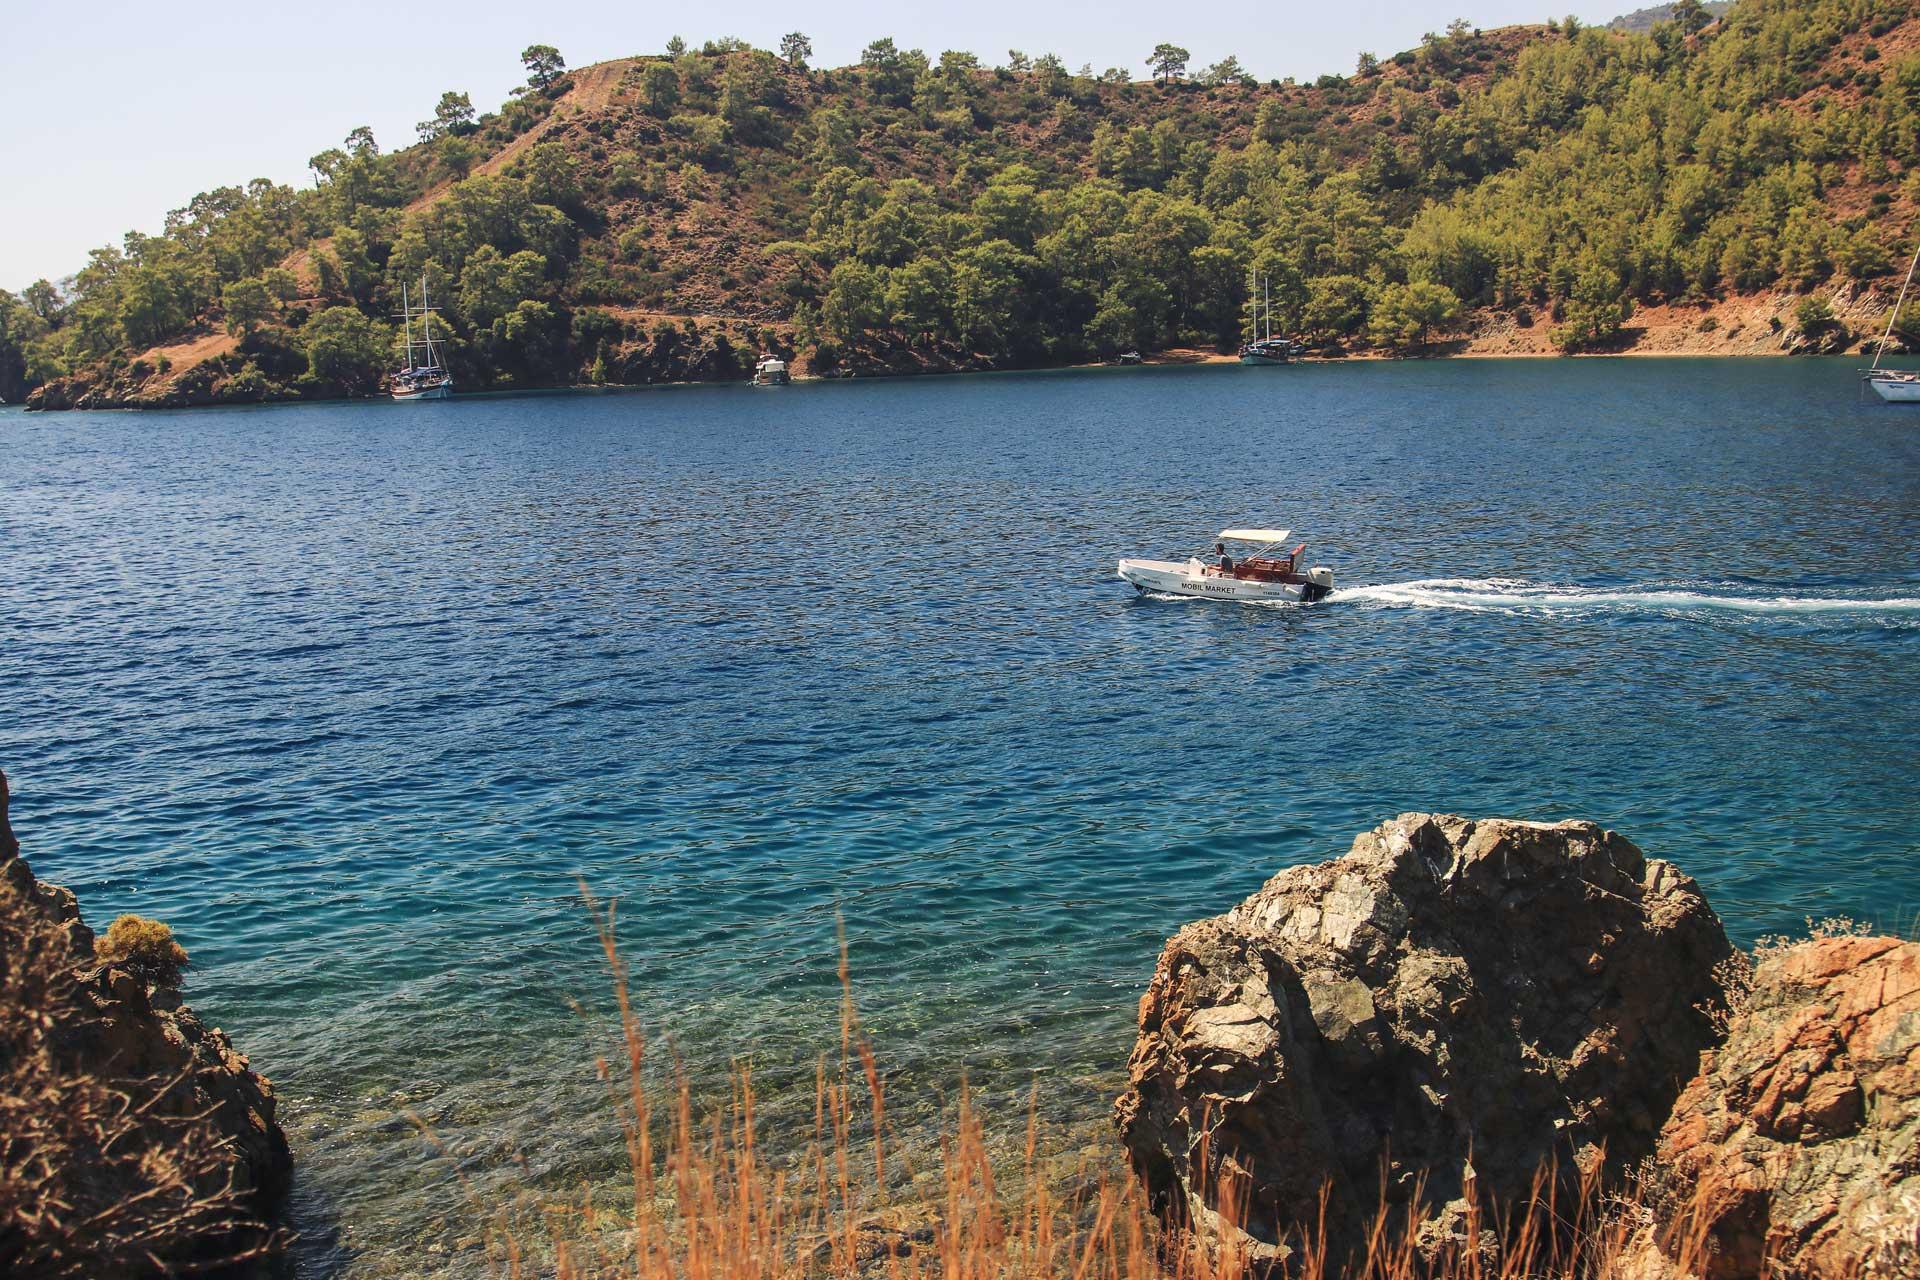 Kille Koyu Kille sahili Göcek Muğla Türkiye Çekergezer Fotoğrafçı Hakan Aydın www.cekergezer.com. www.hakanaydın.com.tr